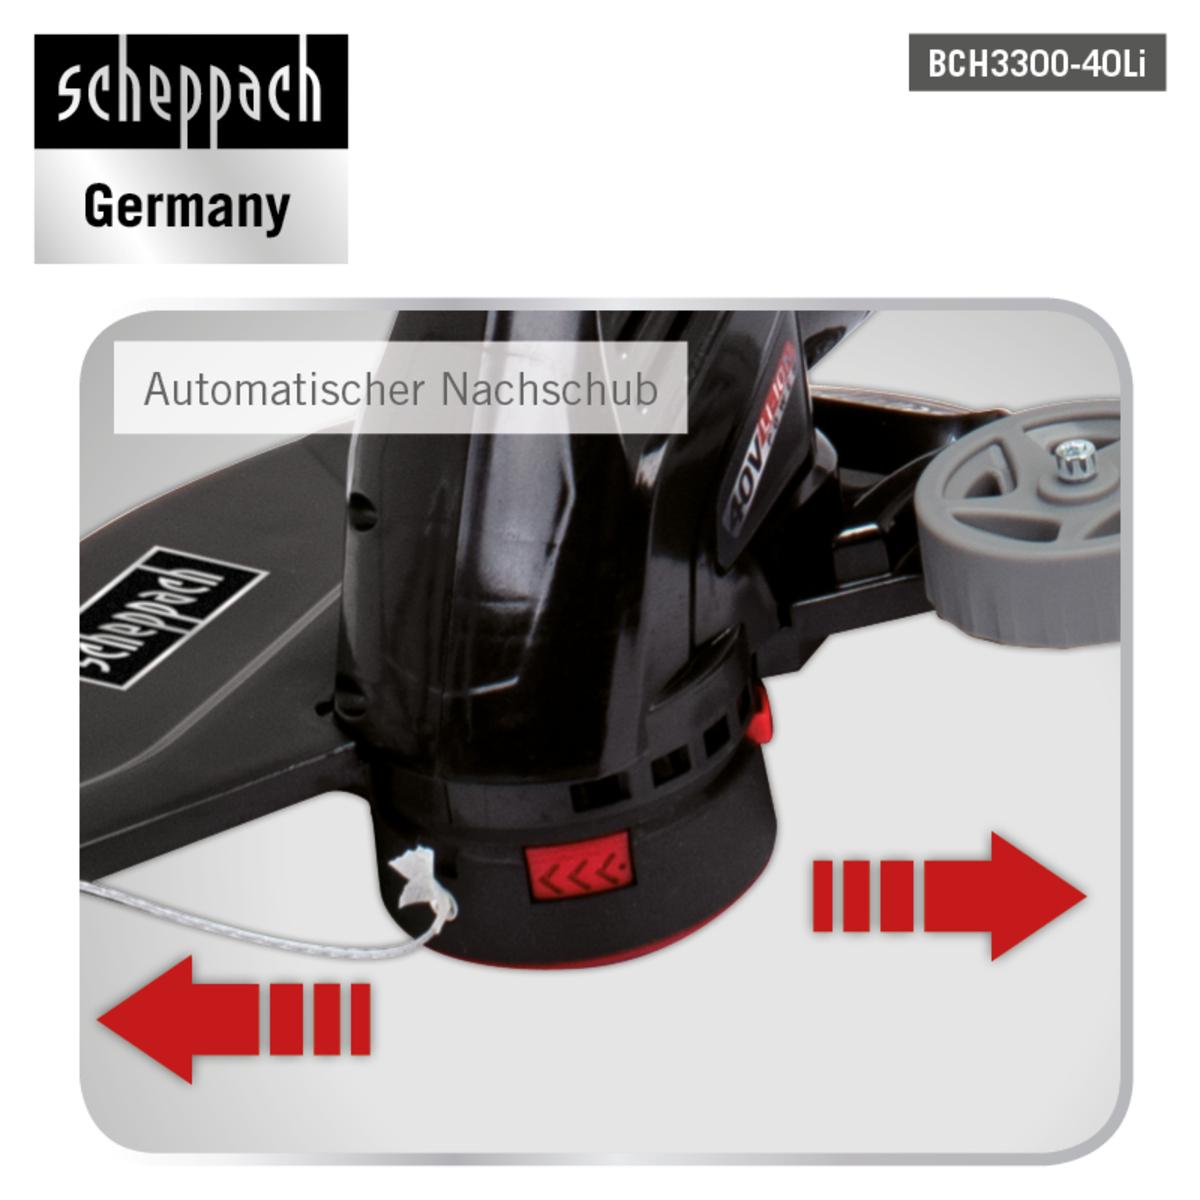 Bild 4 von Scheppach Akku-Rasentrimmer BCH3300-40Li